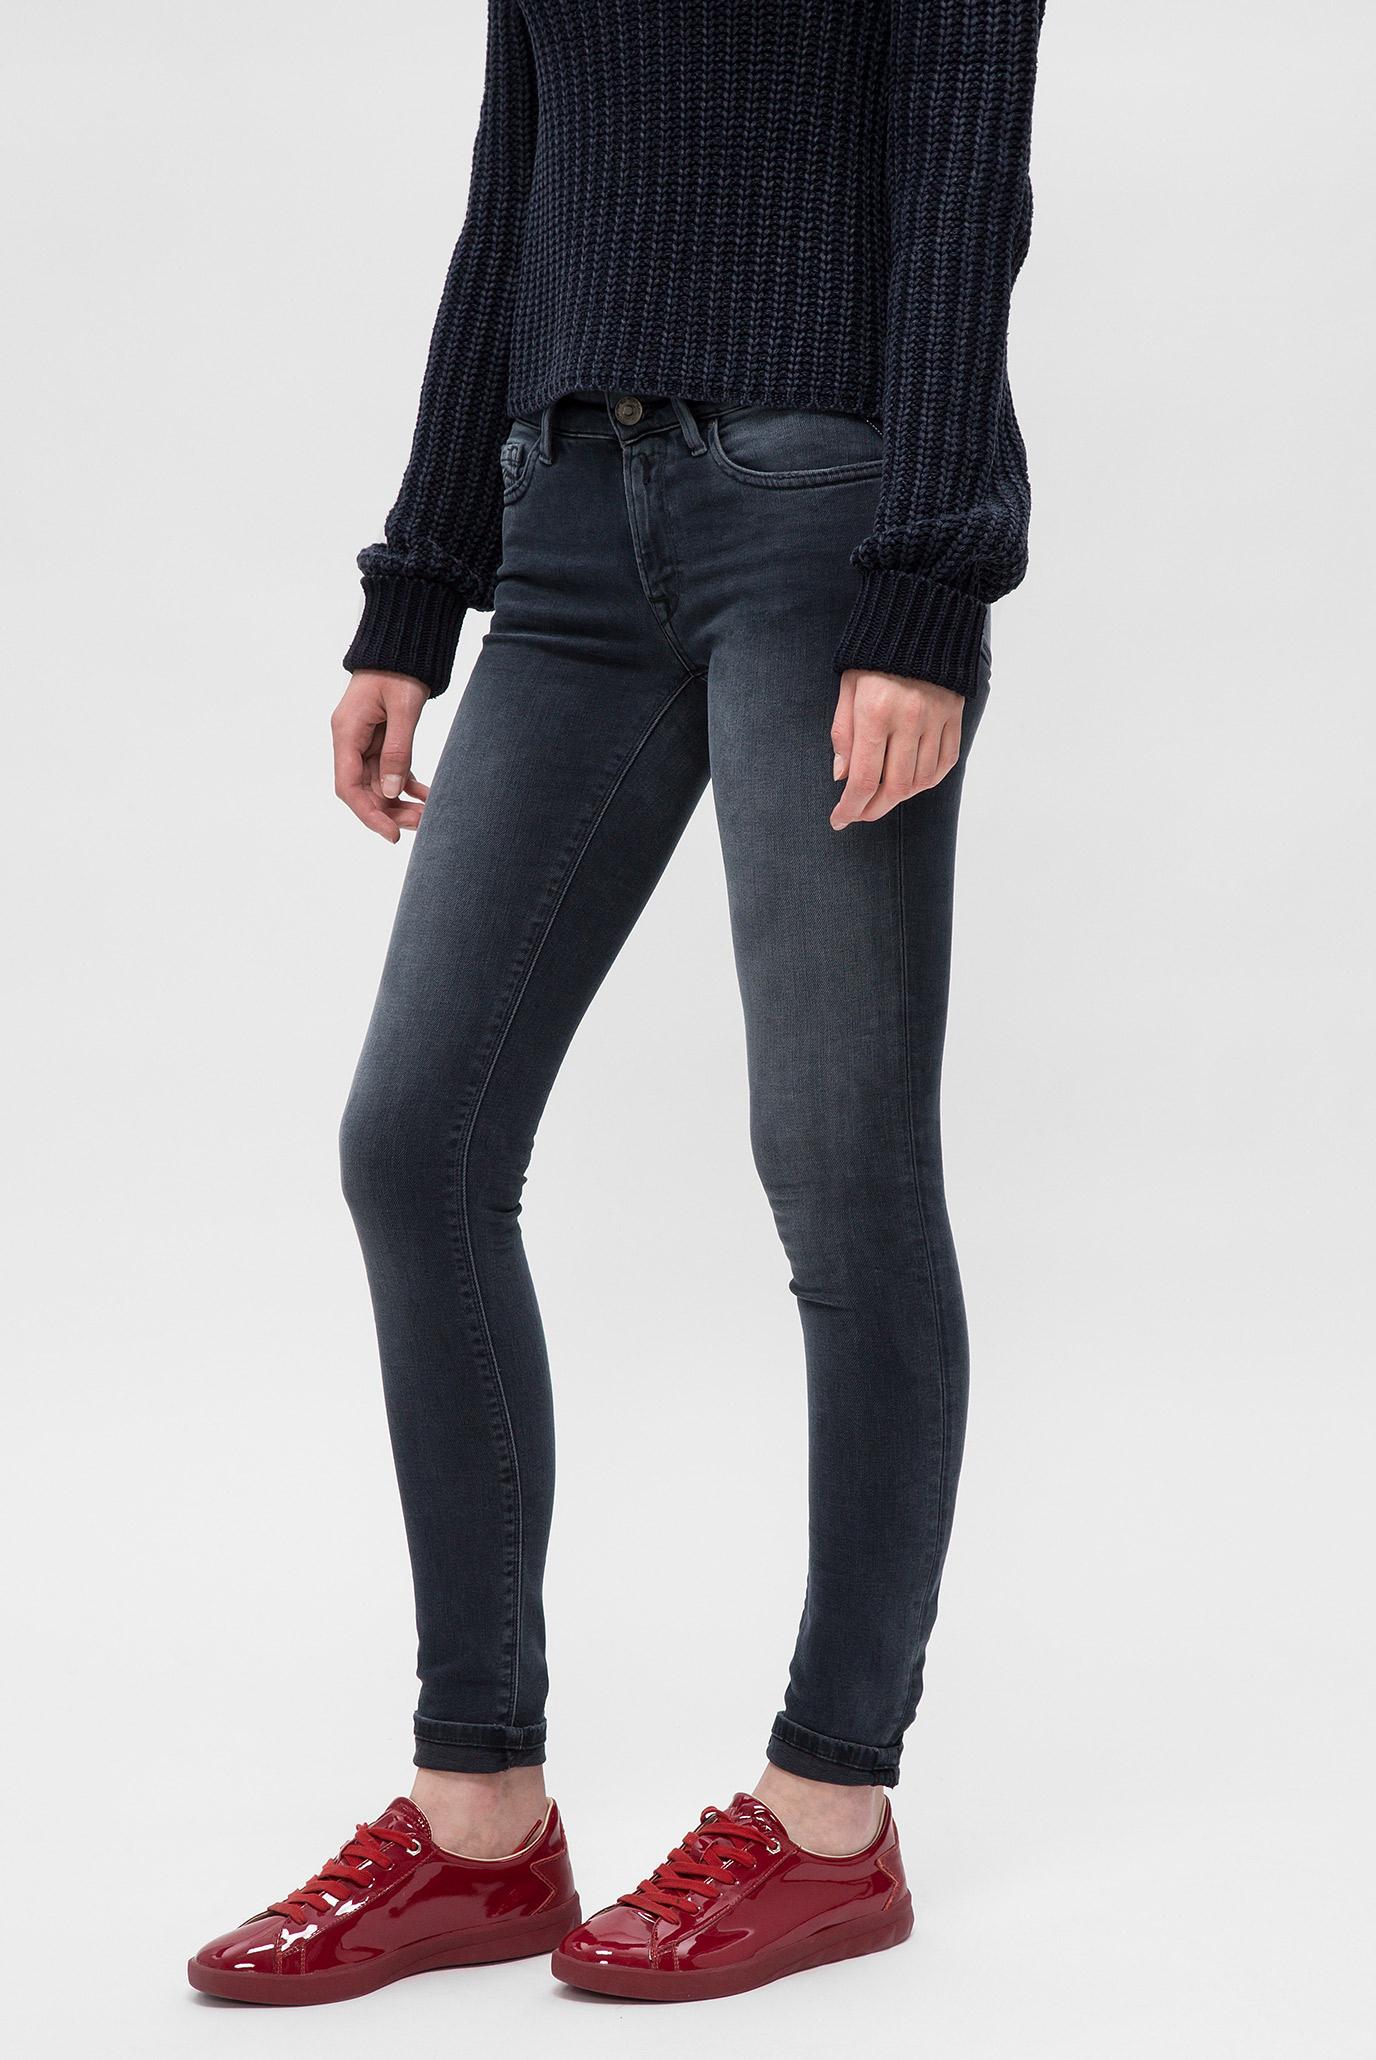 Купить Женские серые джинсы LUZ Replay Replay WX689 .000.143 387 – Киев, Украина. Цены в интернет магазине MD Fashion